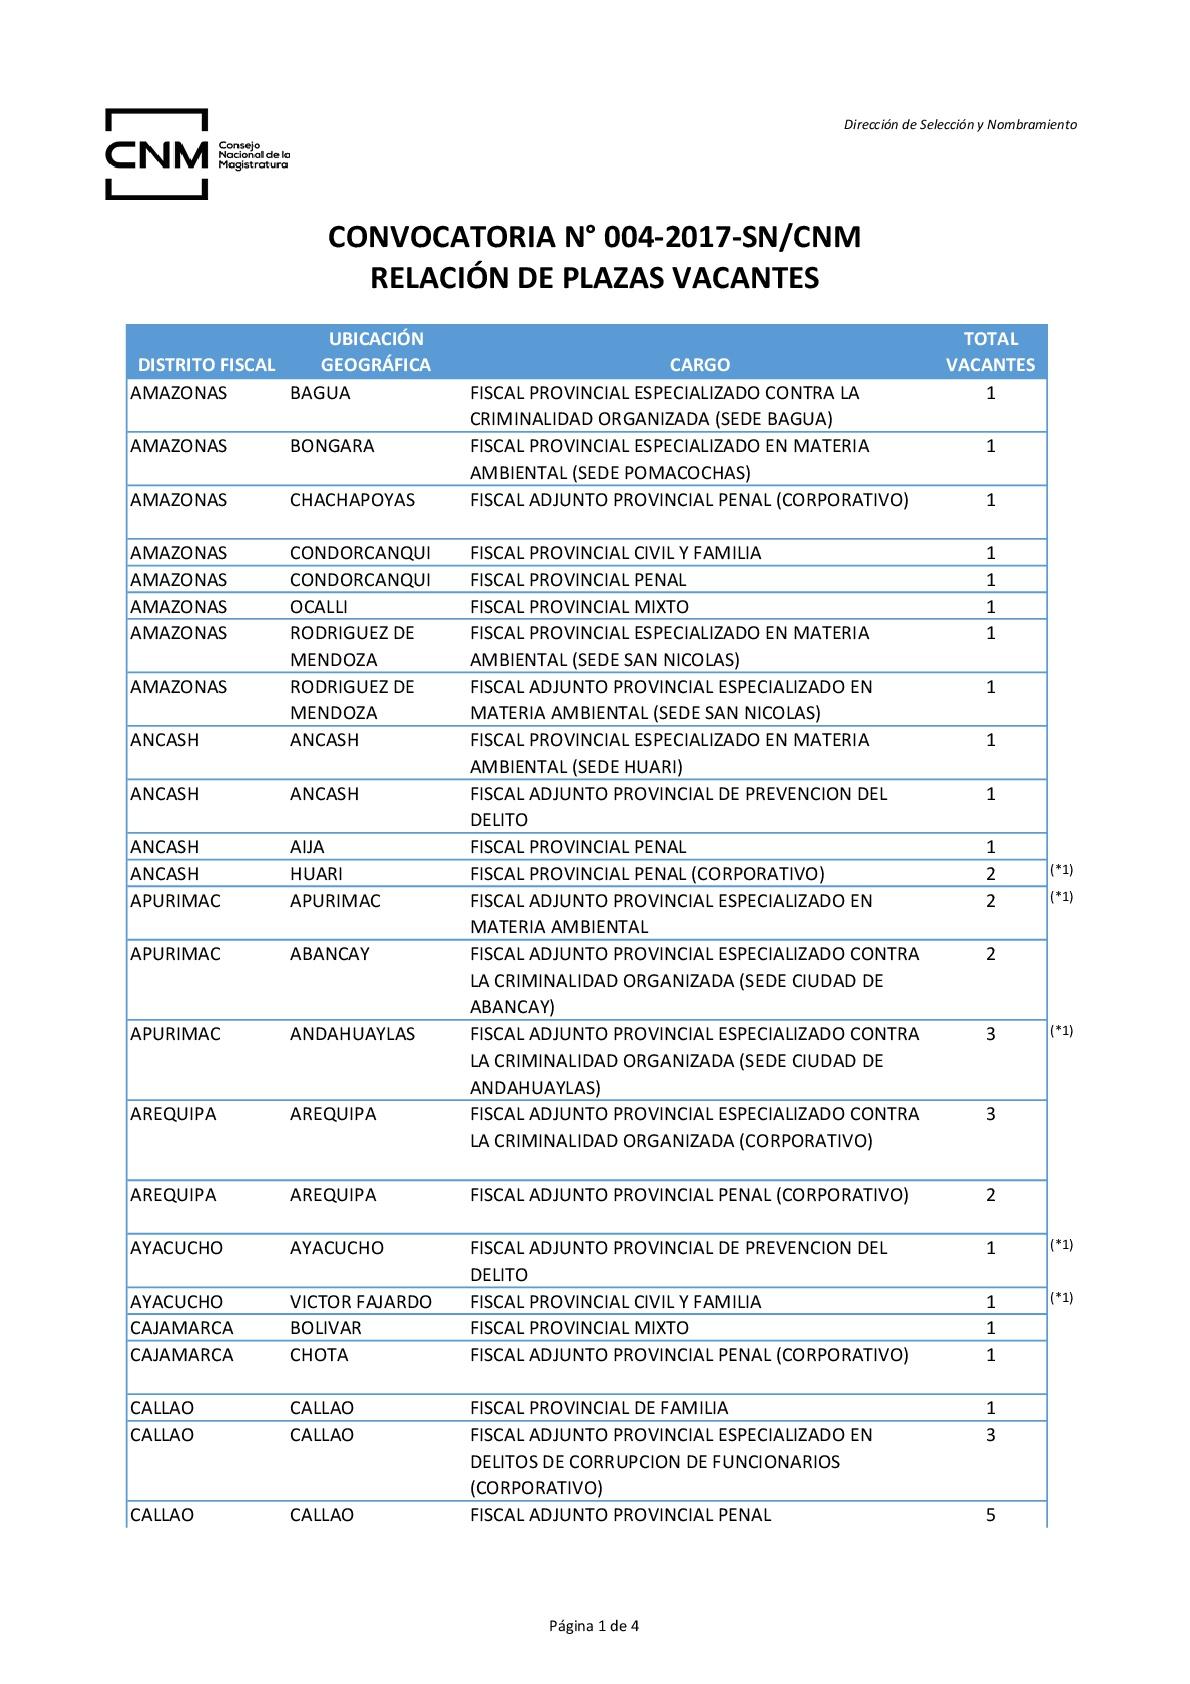 Plazas-vacantes-004-2017-CNM-Legis.pe-001